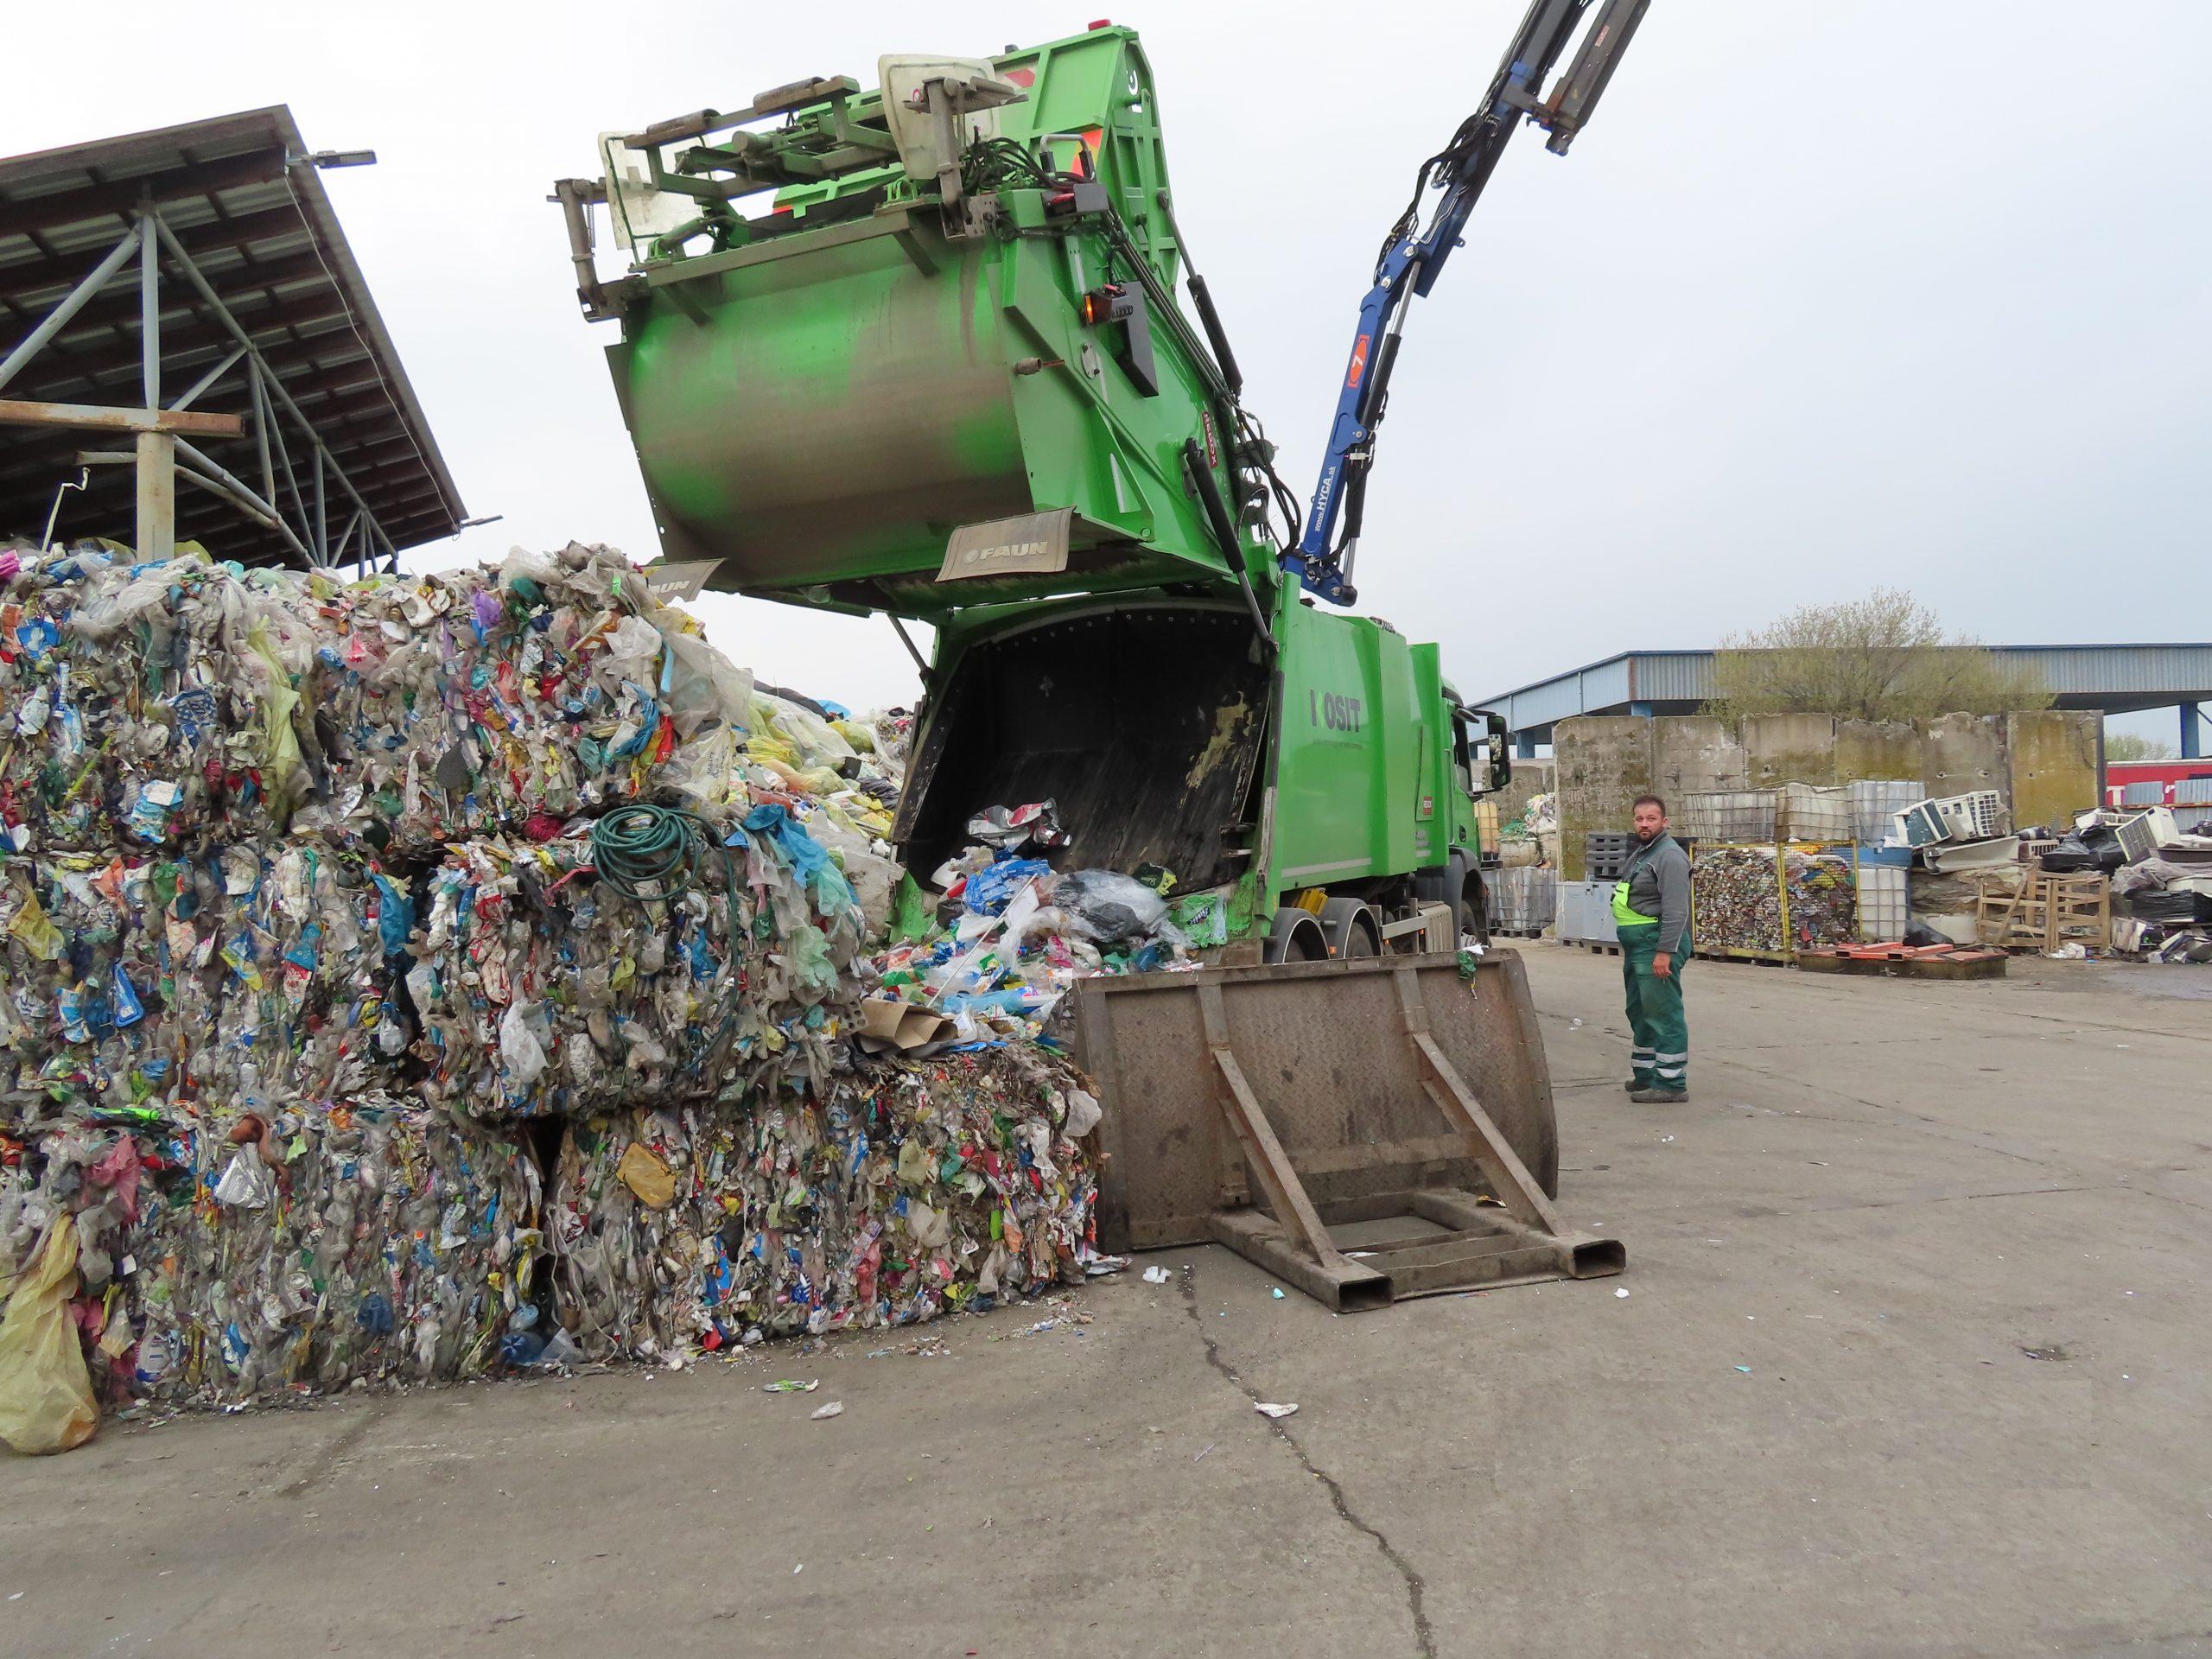 Nie je plast ako plast. Ako sa dotrieďuje odpad pred recykláciou?